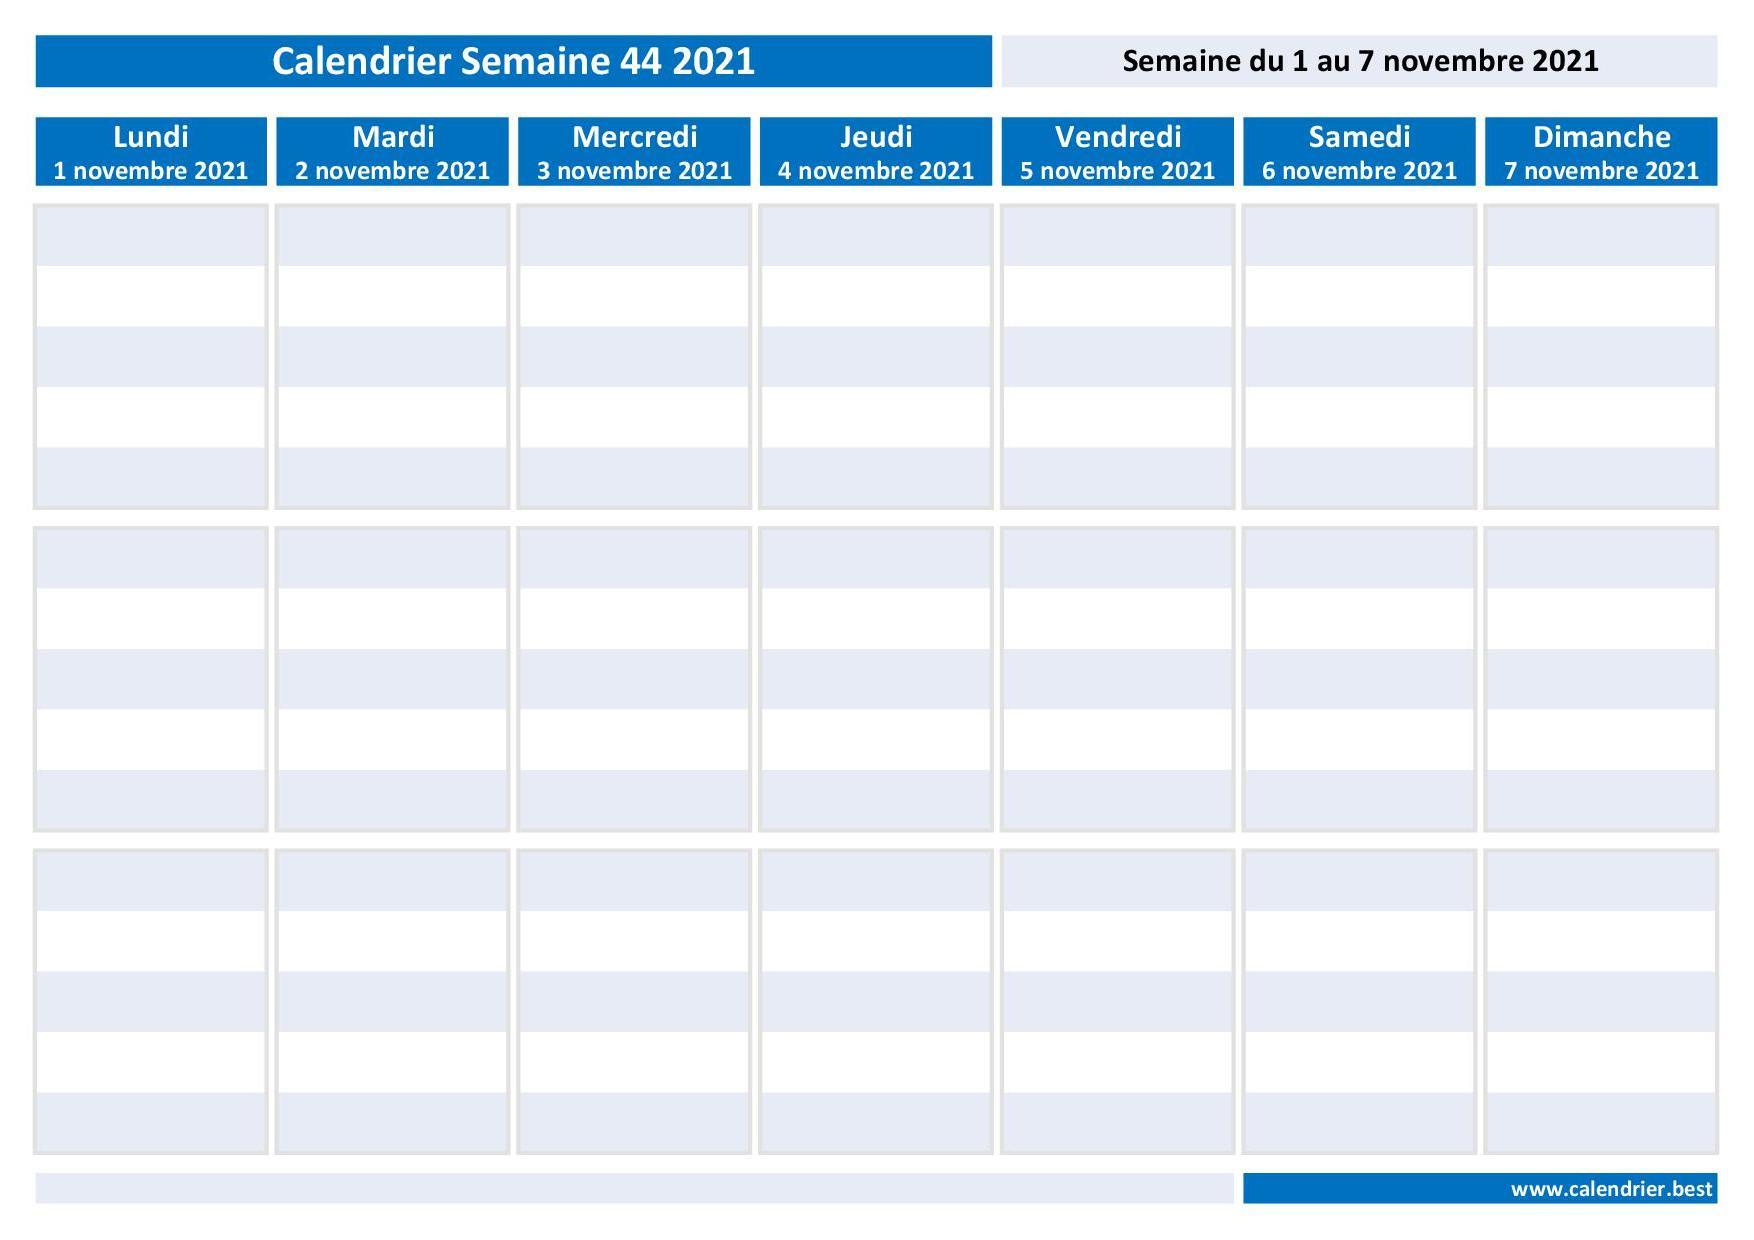 Semaine 44 2021 : dates, calendrier et planning hebdomadaire à